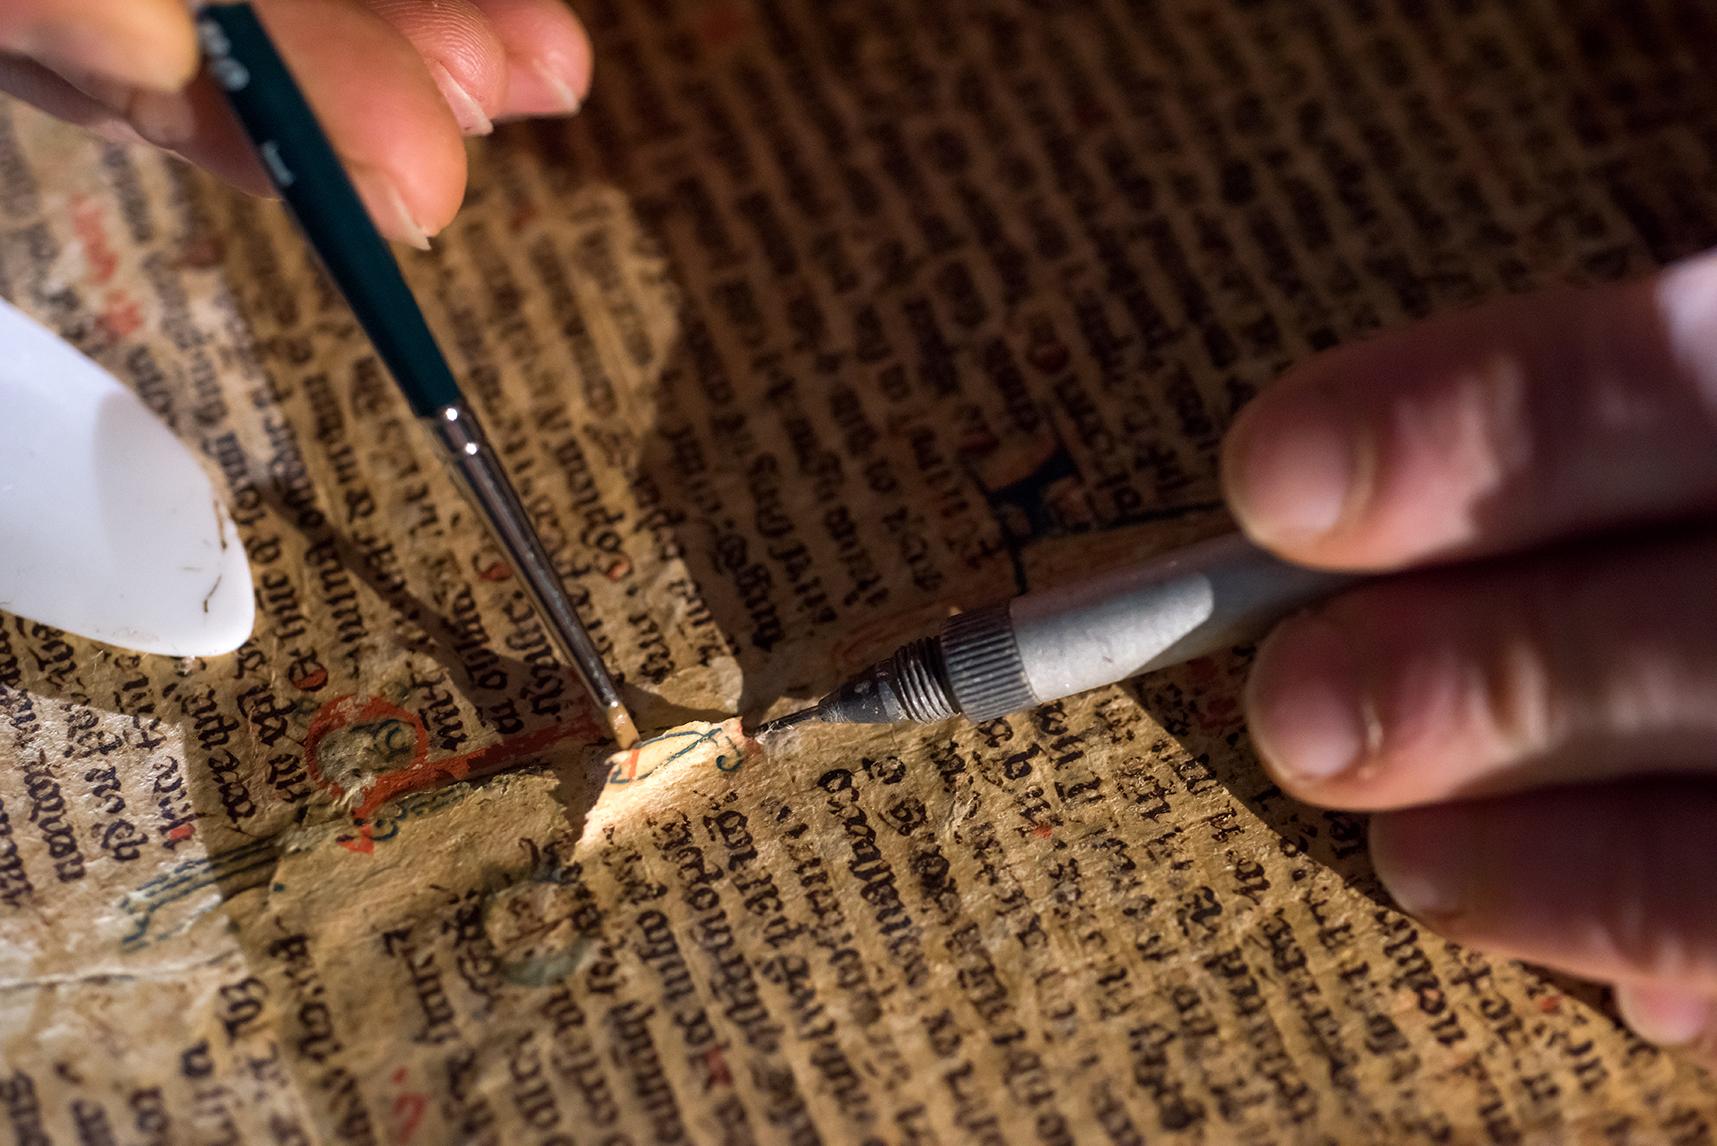 La restauration des livres anciens répond à un savoir-faire presque tout aussi rare.